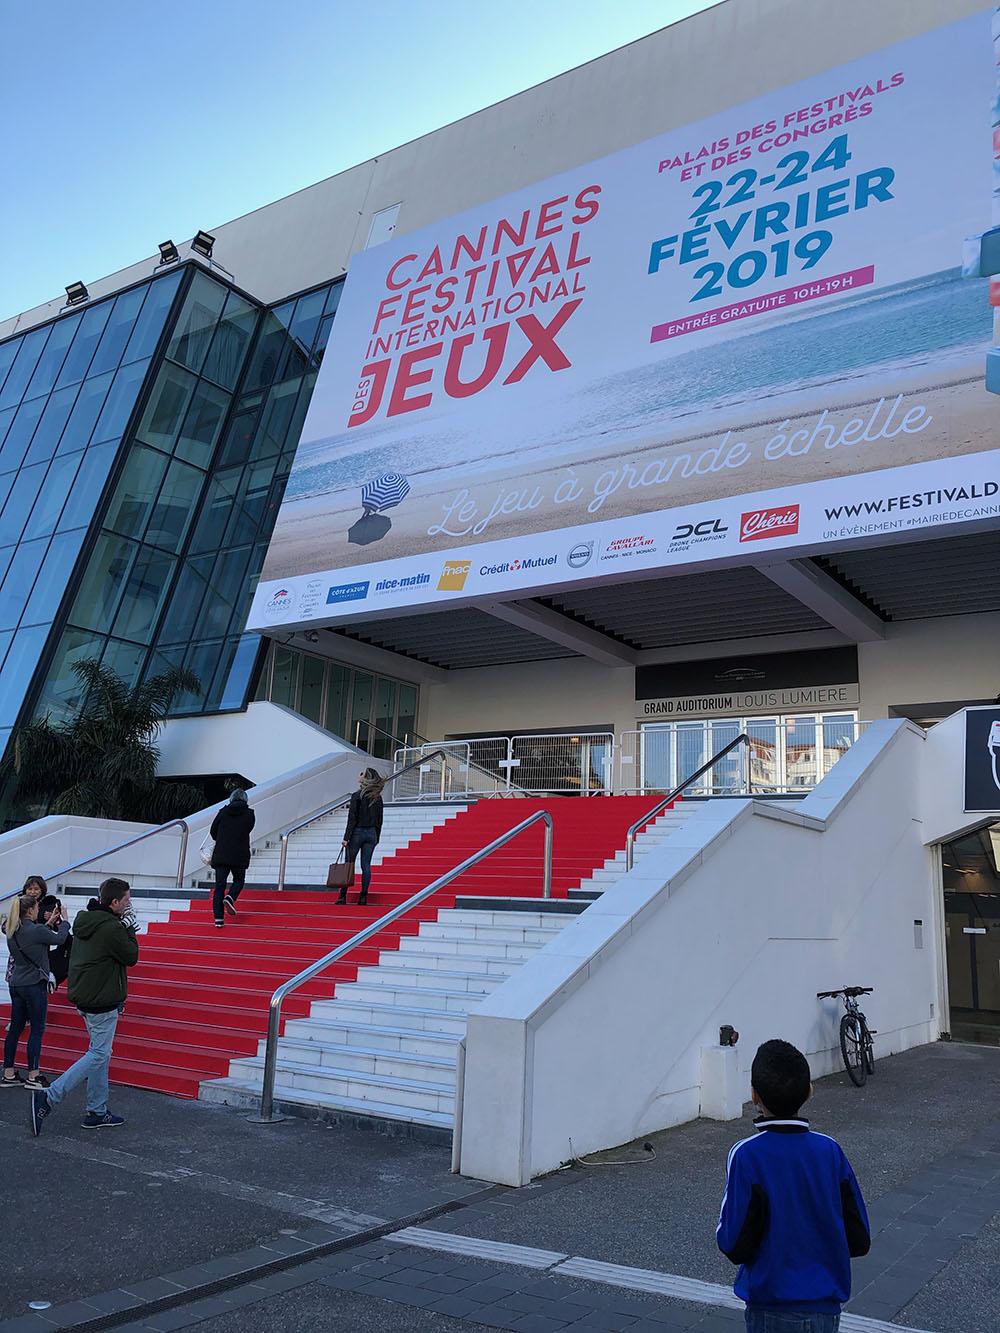 Cannes Festival des jeux 2019